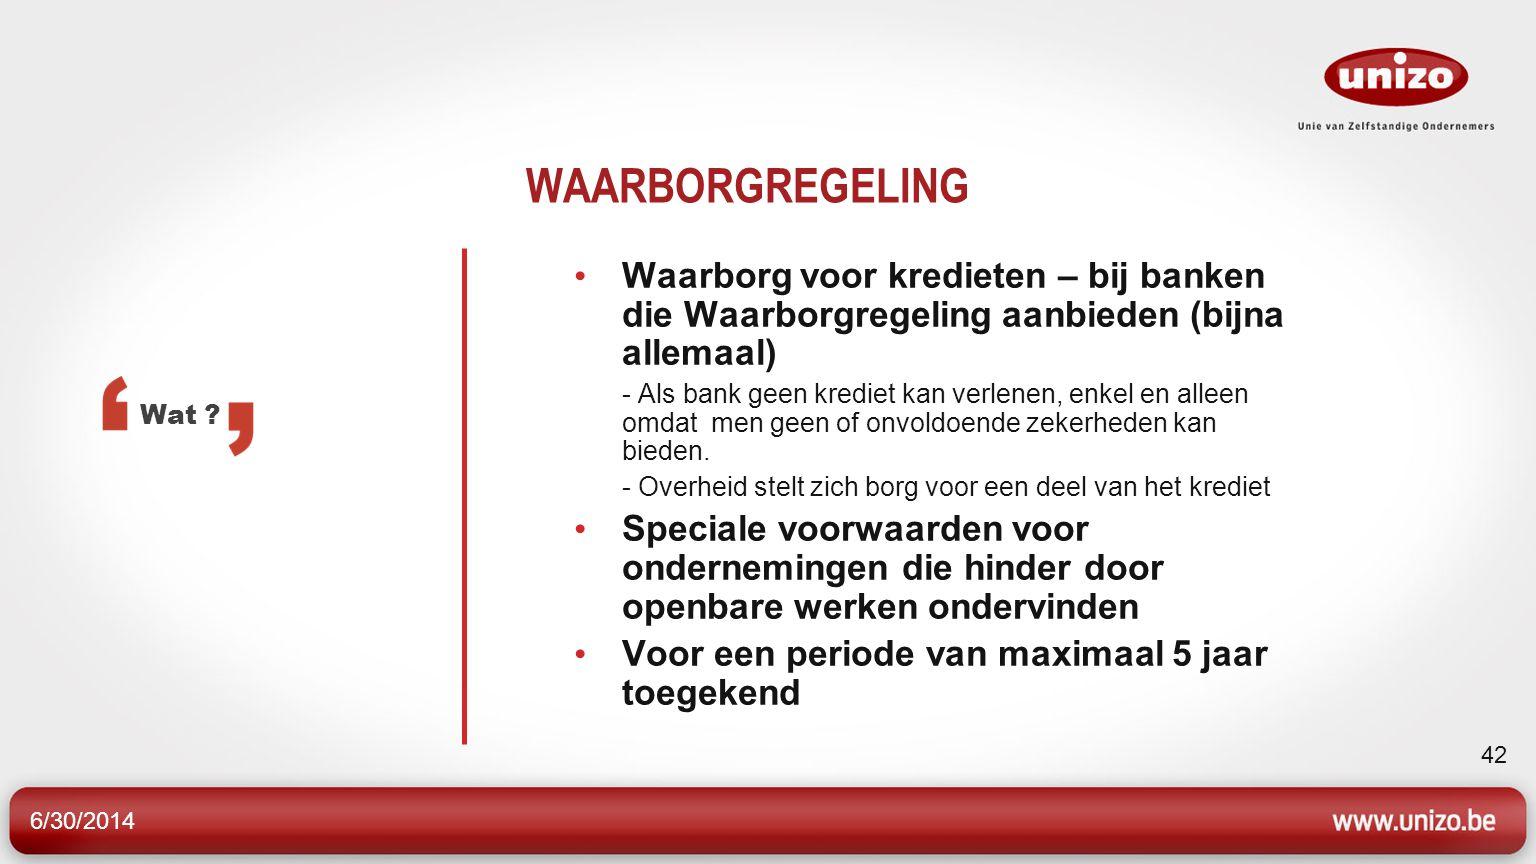 6/30/2014 42 WAARBORGREGELING • Waarborg voor kredieten – bij banken die Waarborgregeling aanbieden (bijna allemaal) - Als bank geen krediet kan verlenen, enkel en alleen omdat men geen of onvoldoende zekerheden kan bieden.